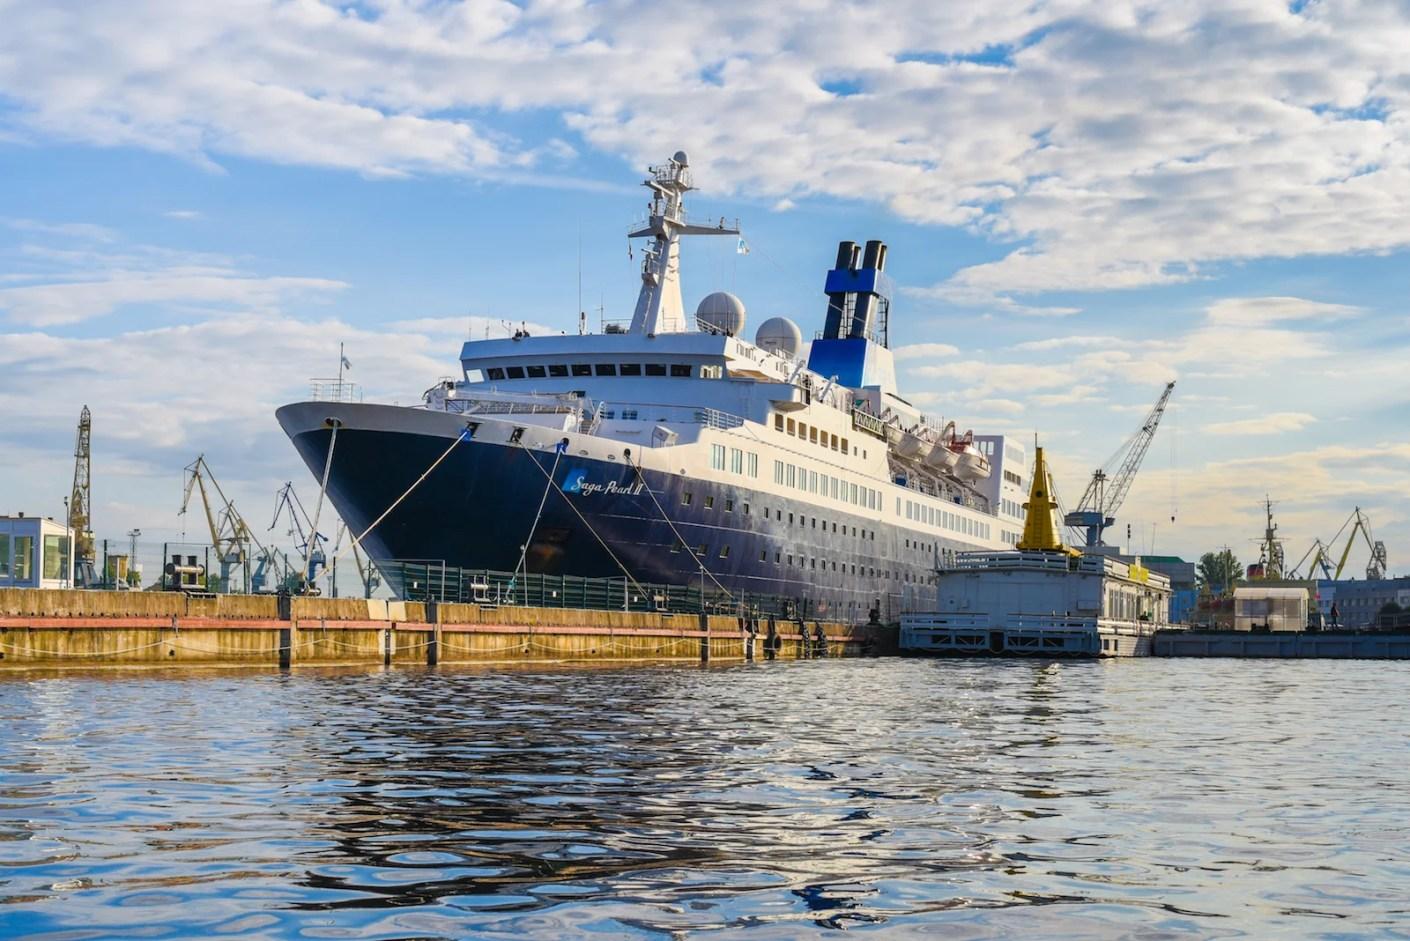 Saga Cruise' Saga Pearl II. (Photo by David Bukochava / Shutterstock)